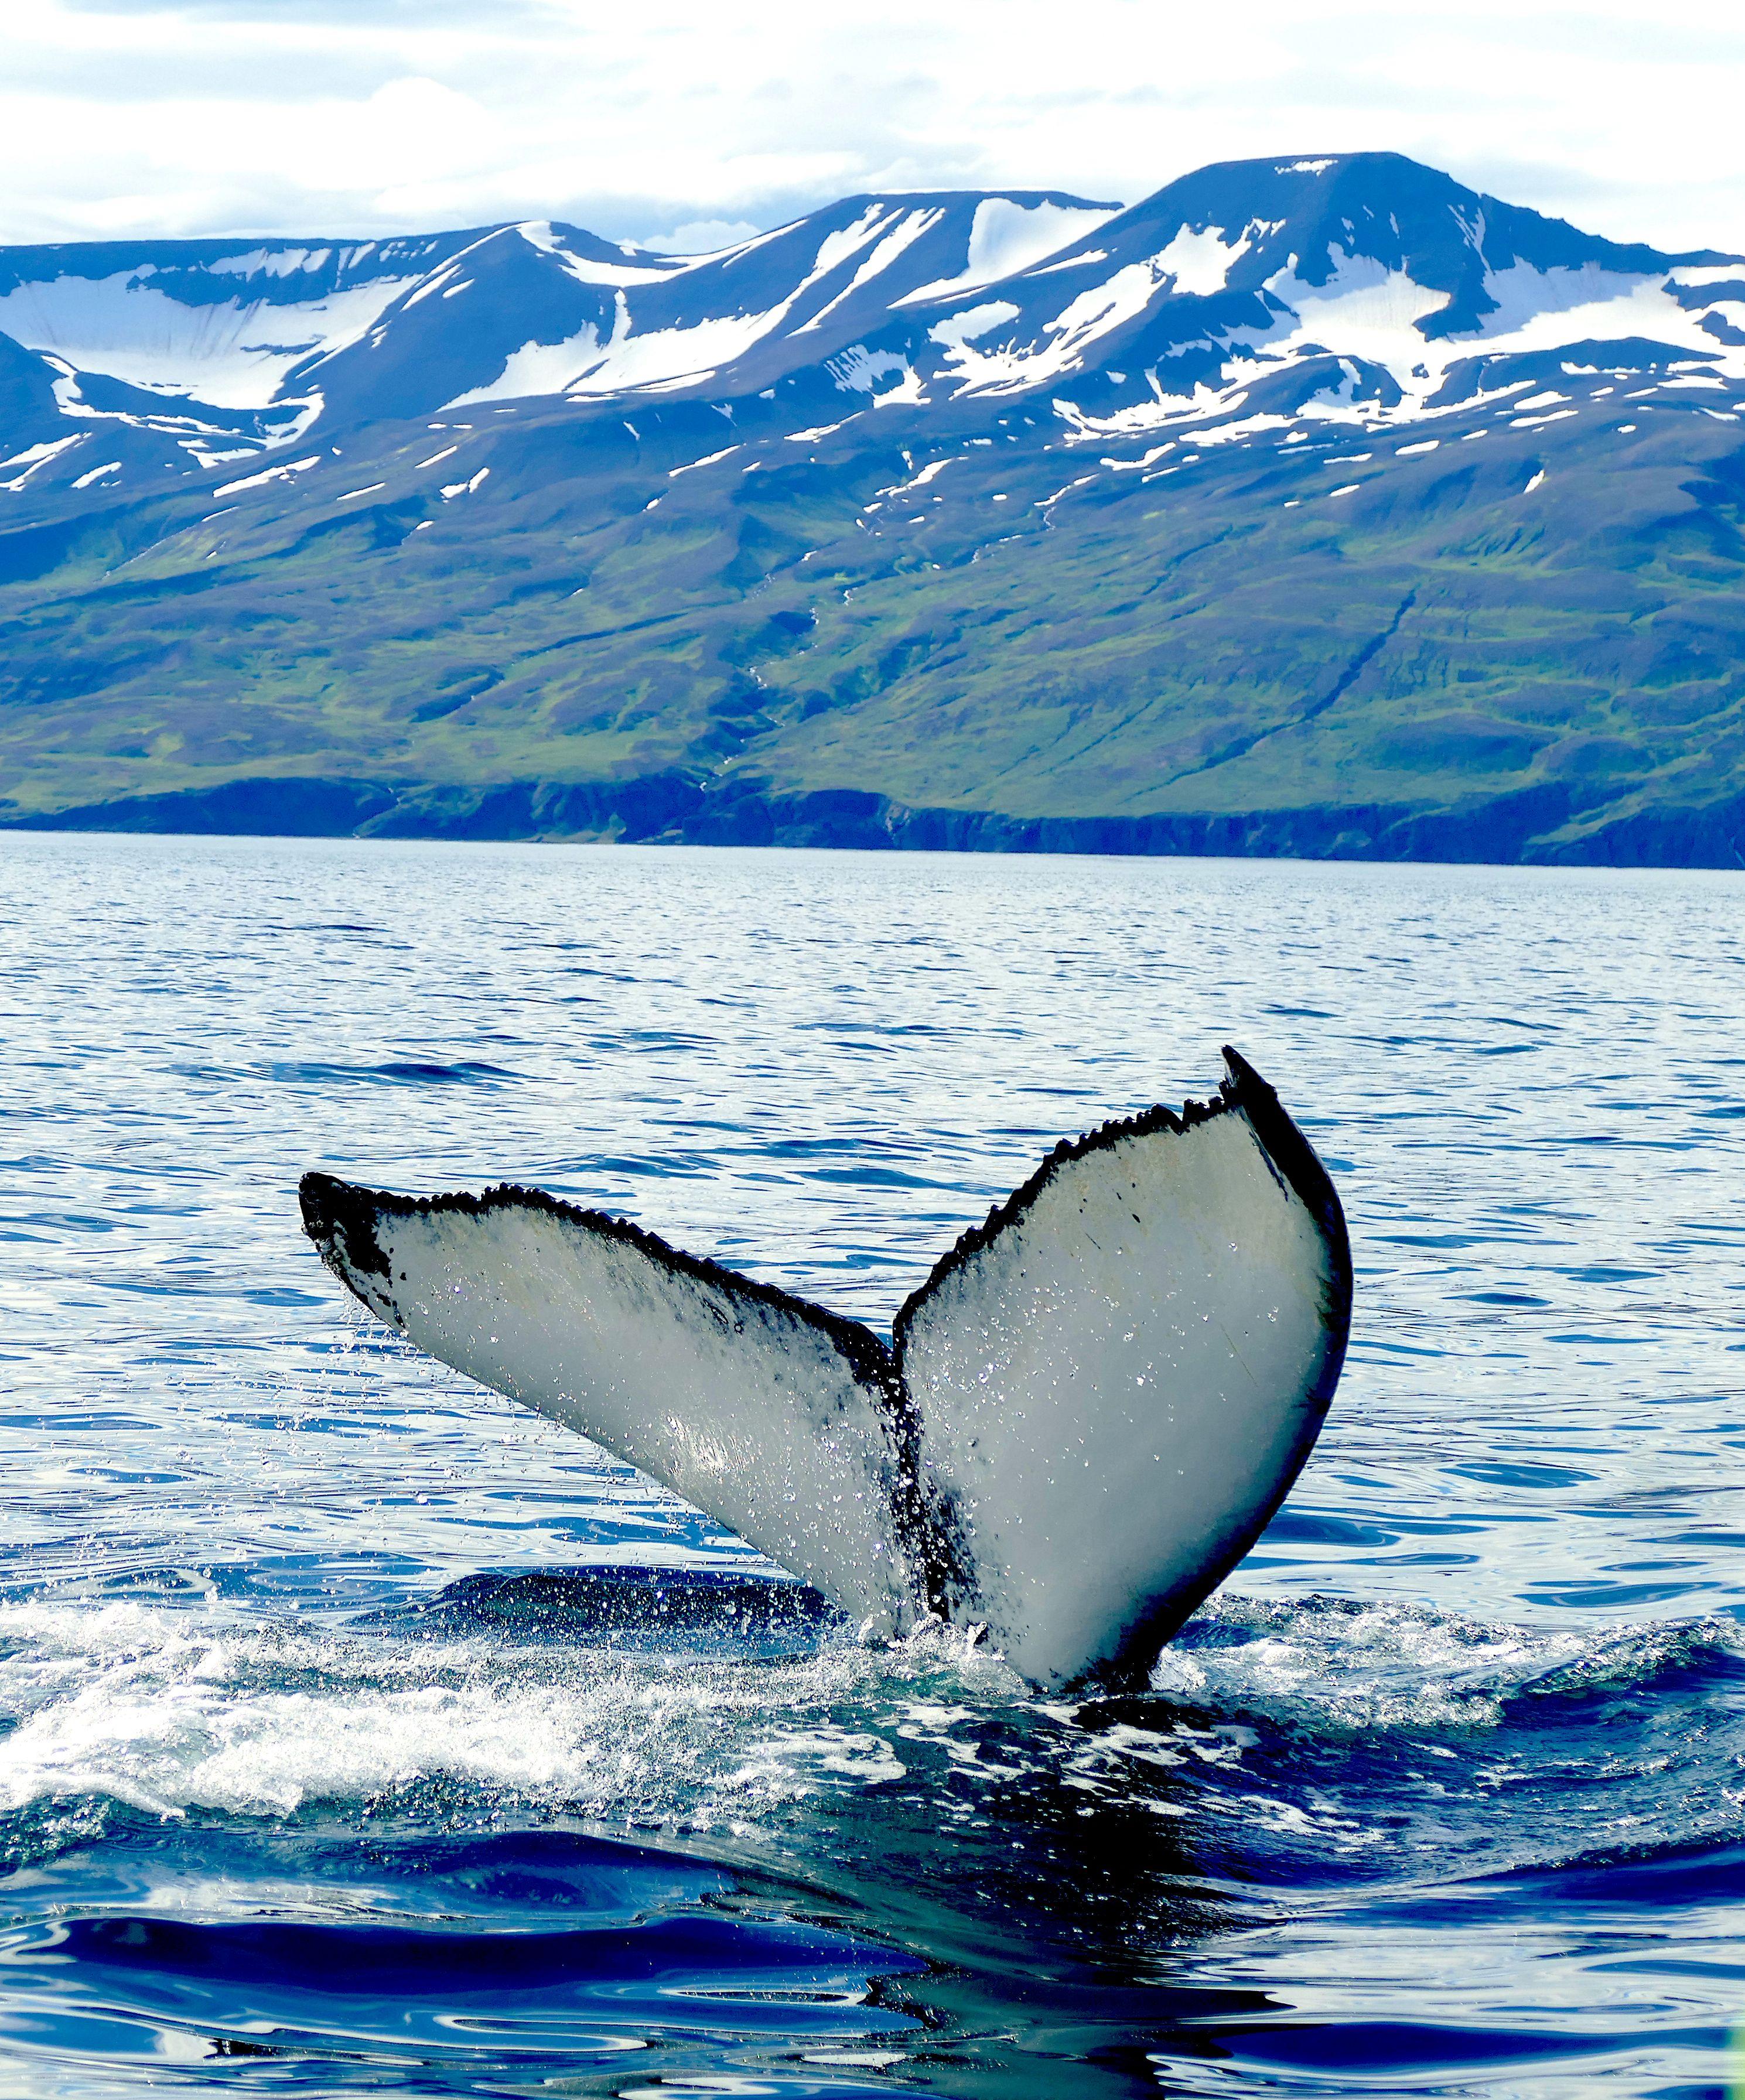 Aquest estiu, mar i muntanya! Husavik, Islàndia#Samanta Judez Fuentes 288